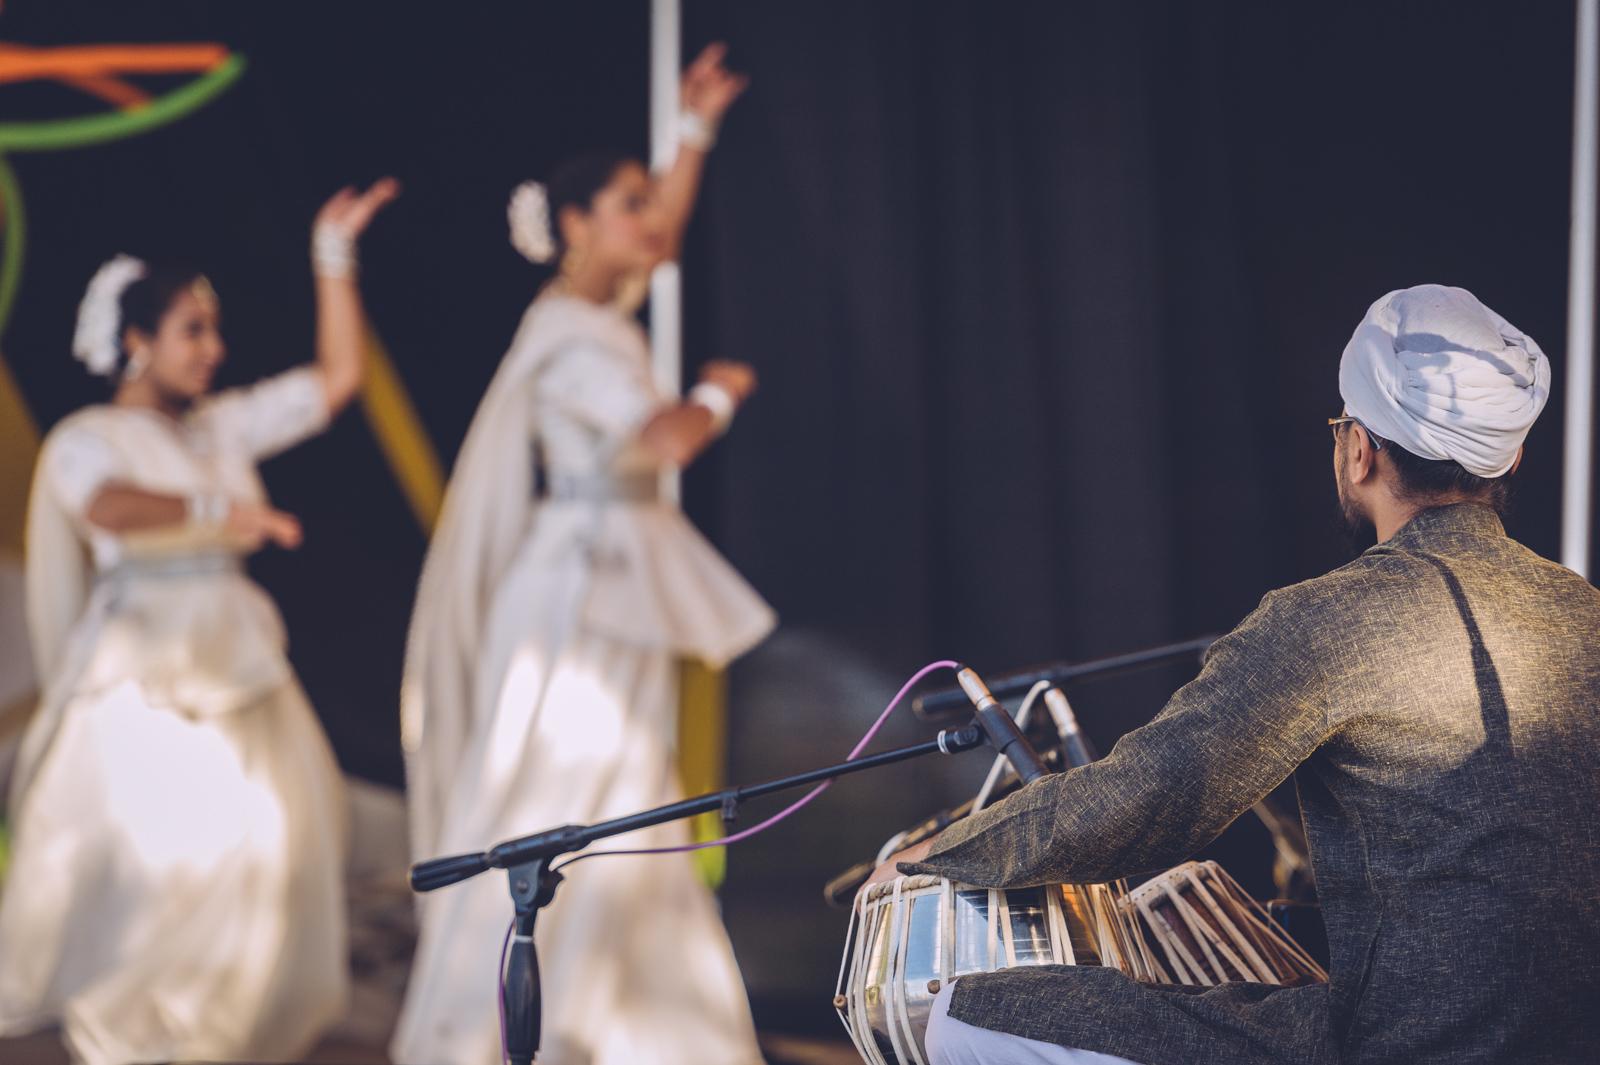 festival_of_india_2015_blog62.jpg